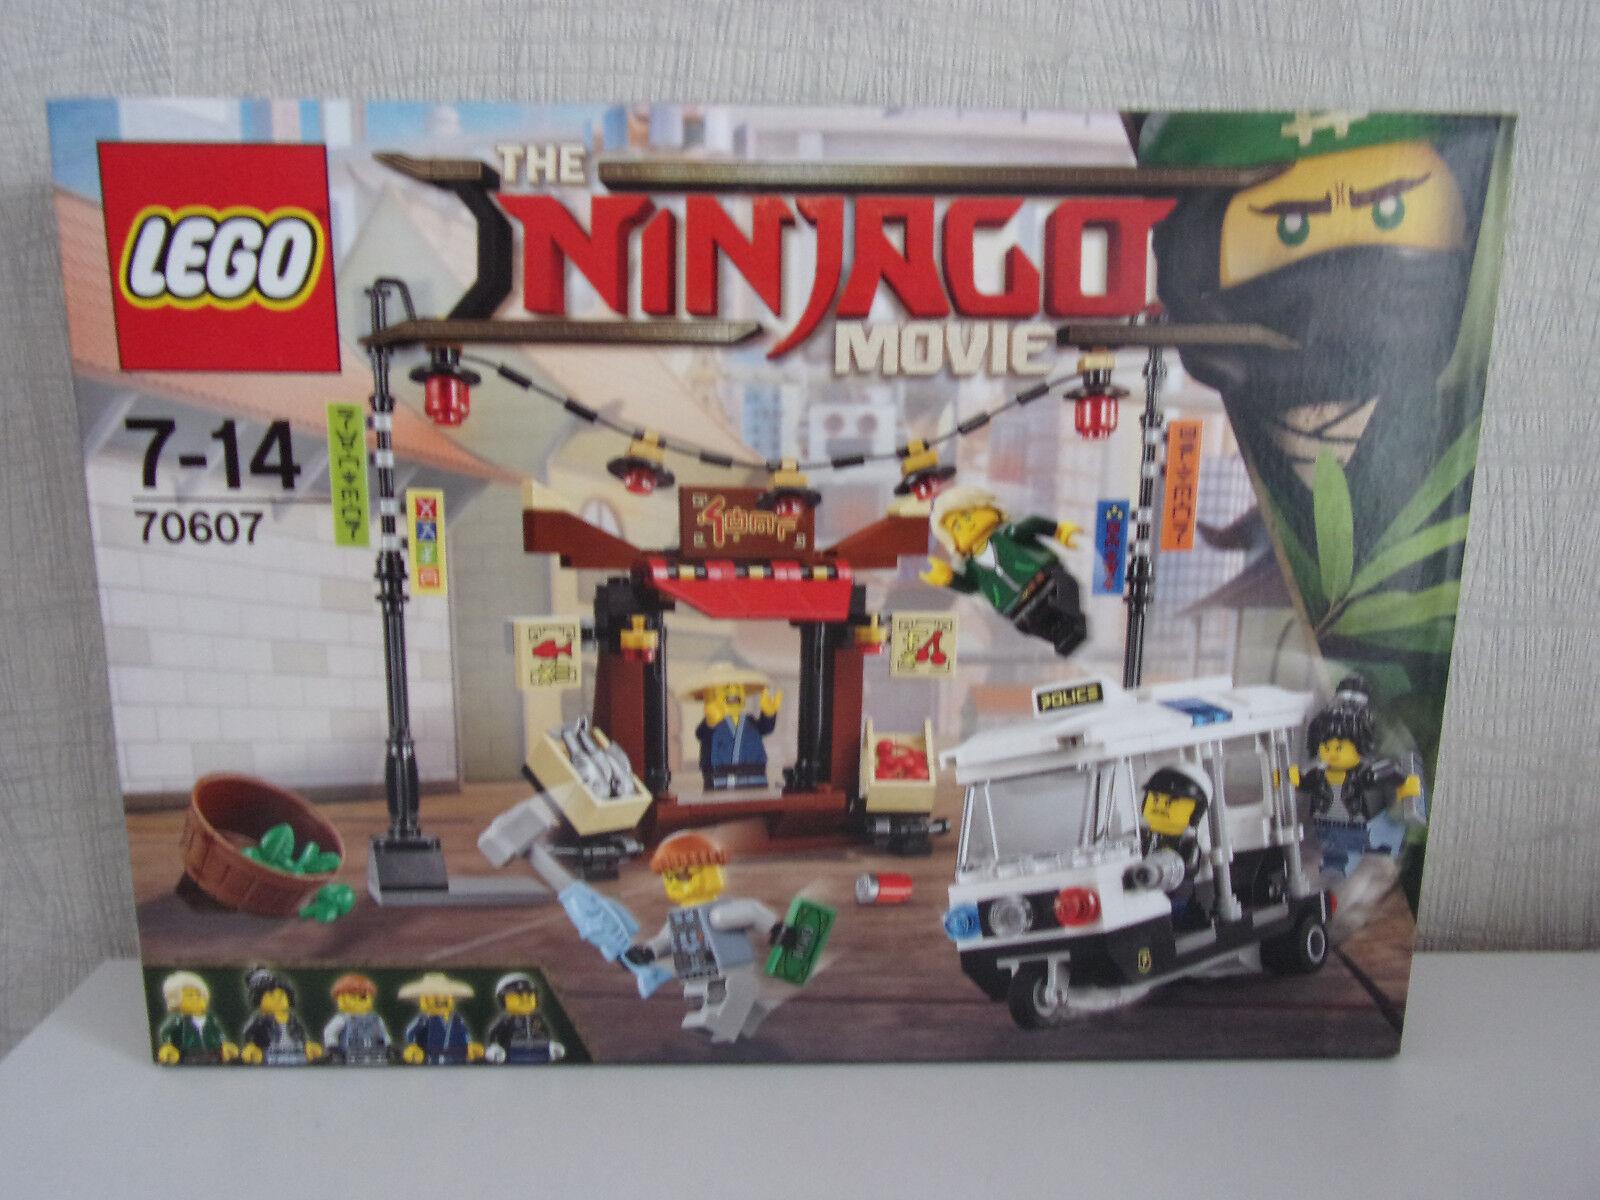 Lego The Ninjago Film 70607 Course-Poursuite en City - Neuf et Emballage